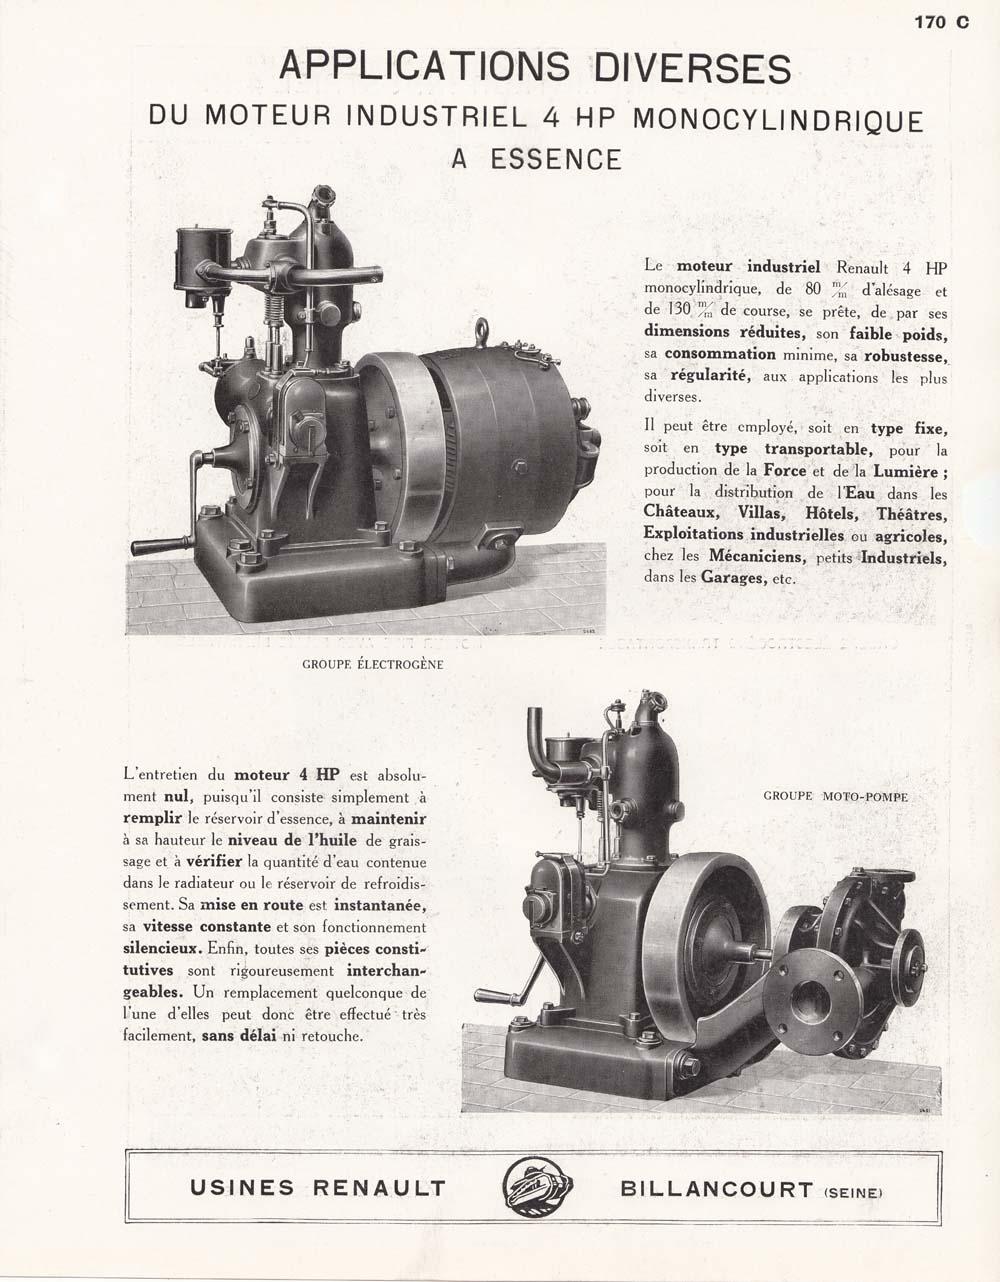 moteur_industriel_4hp_essence_1